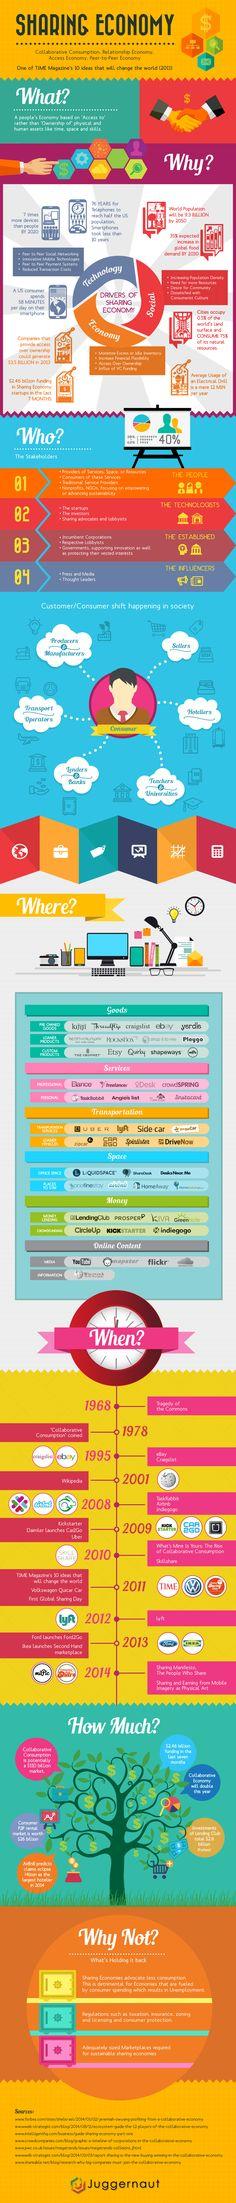 Sharing Economy #infographic #Economy #Business #Marketing